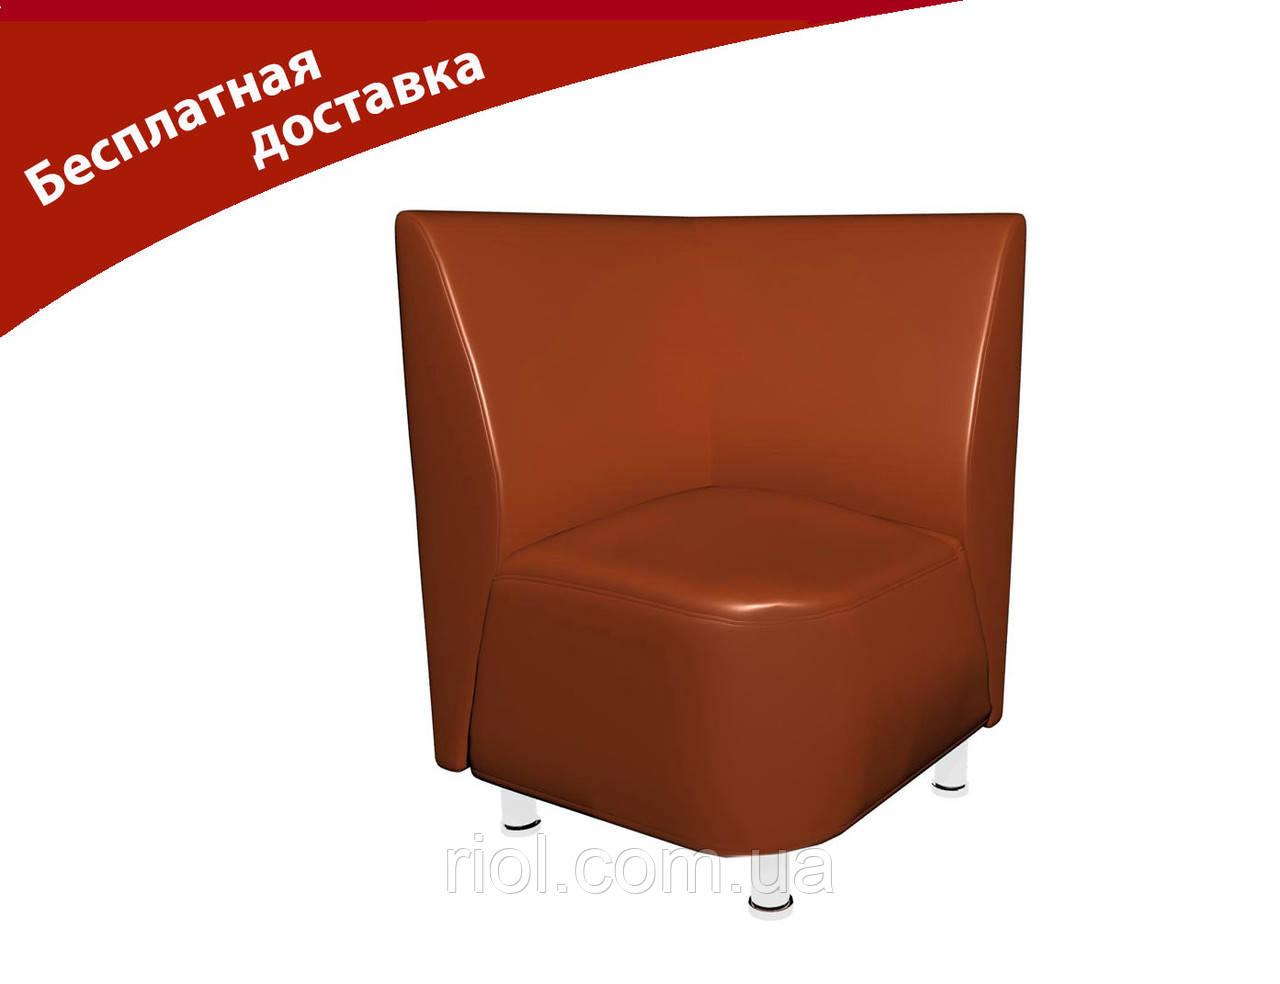 Кресло-угол светло-коричневый